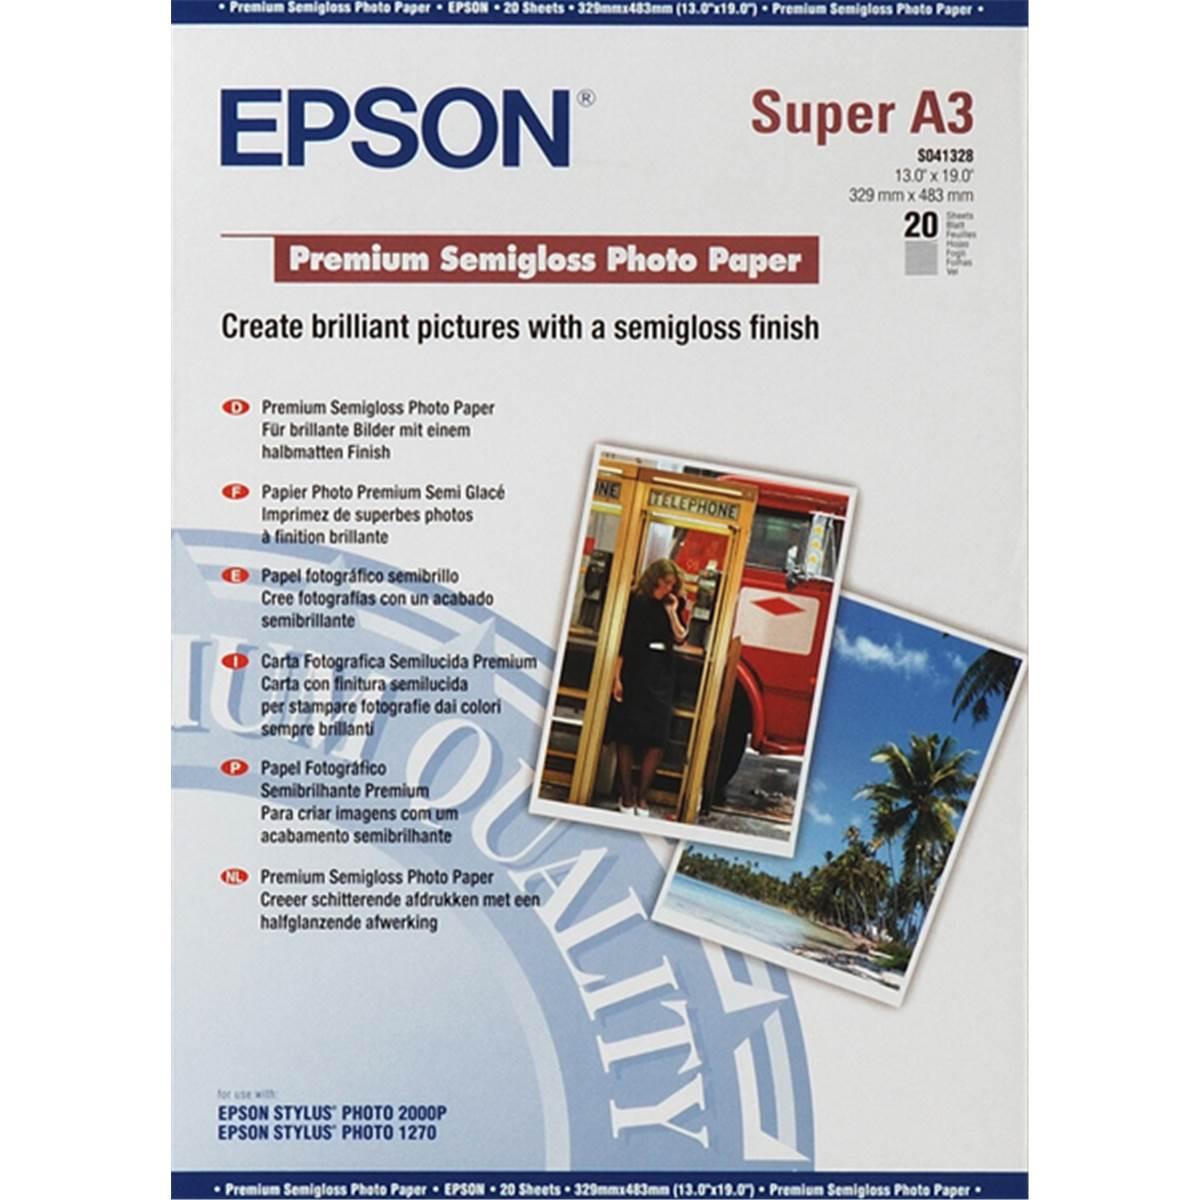 epson papier photo premium semi glac a3 20 feuilles 251g. Black Bedroom Furniture Sets. Home Design Ideas